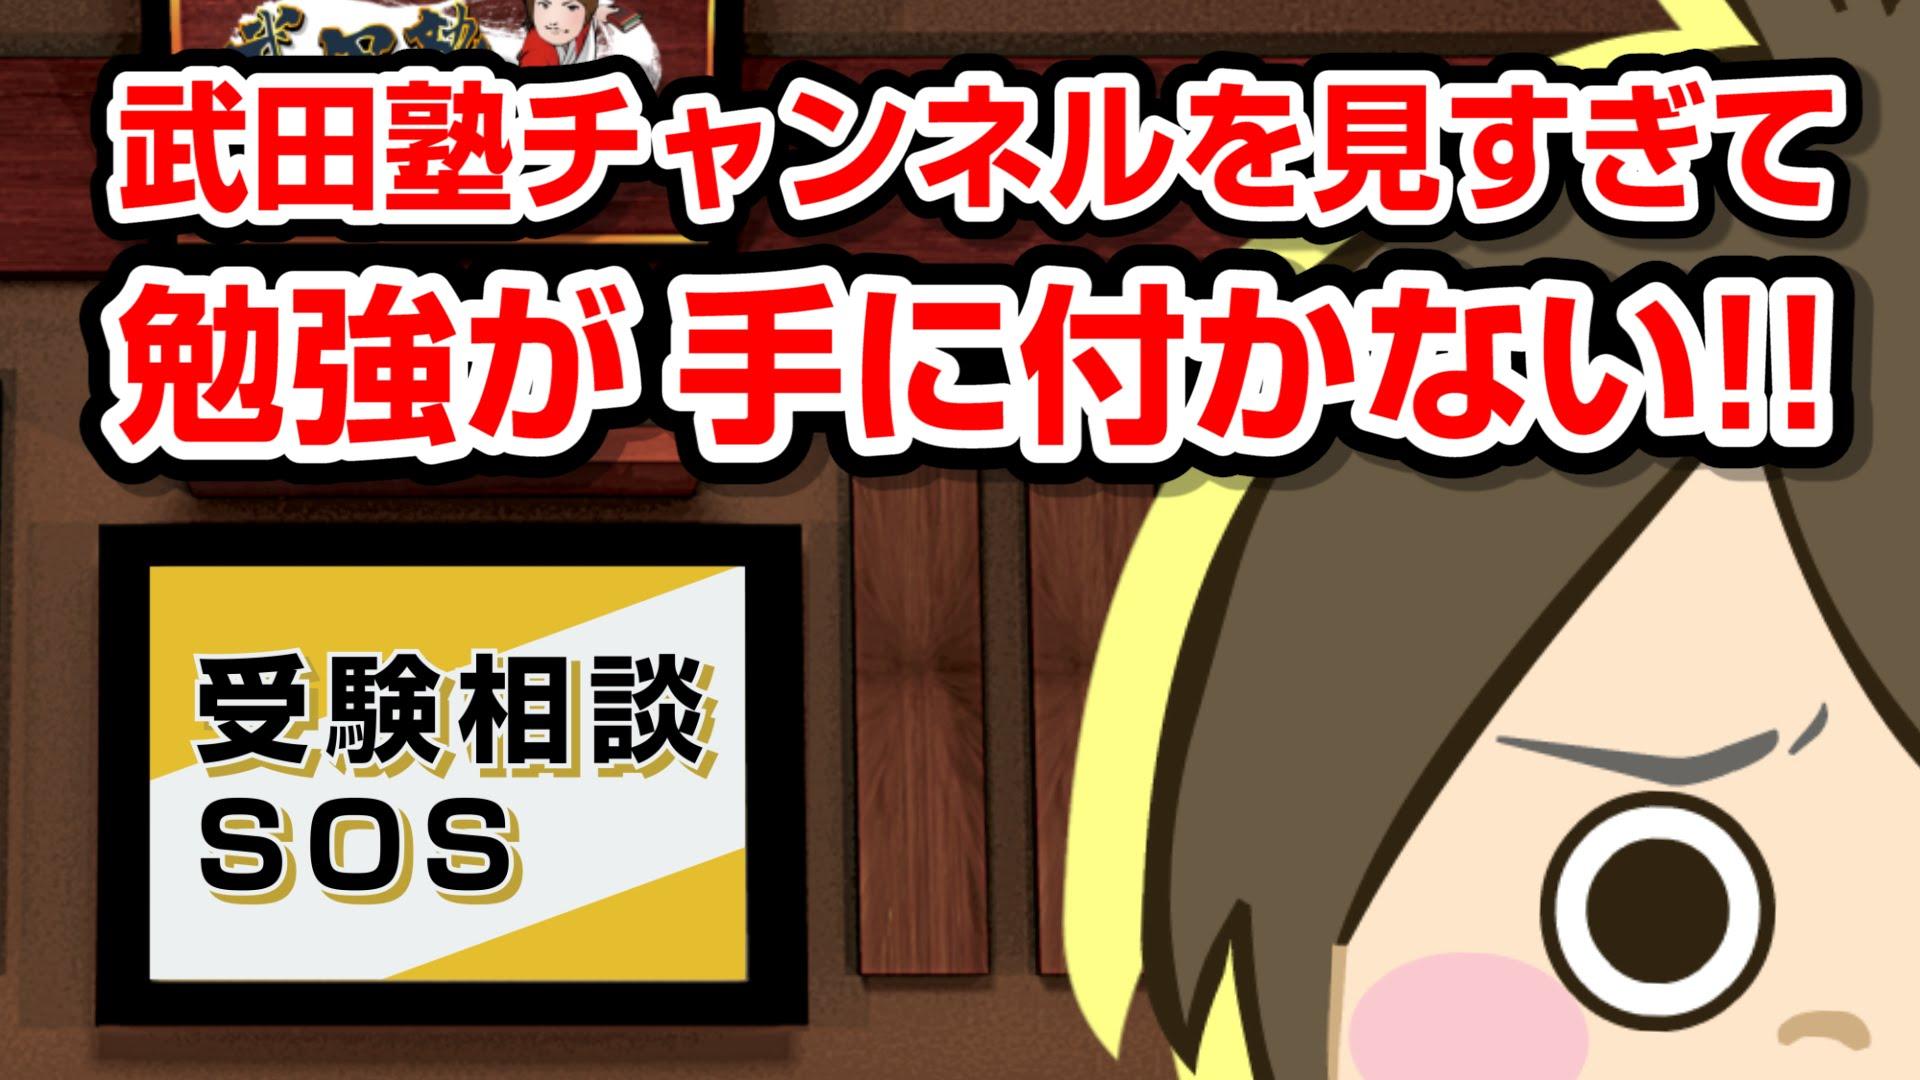 【vol.579】武田塾チャンネルを見すぎて、勉強が少ししかできません!?|受験相談SOS